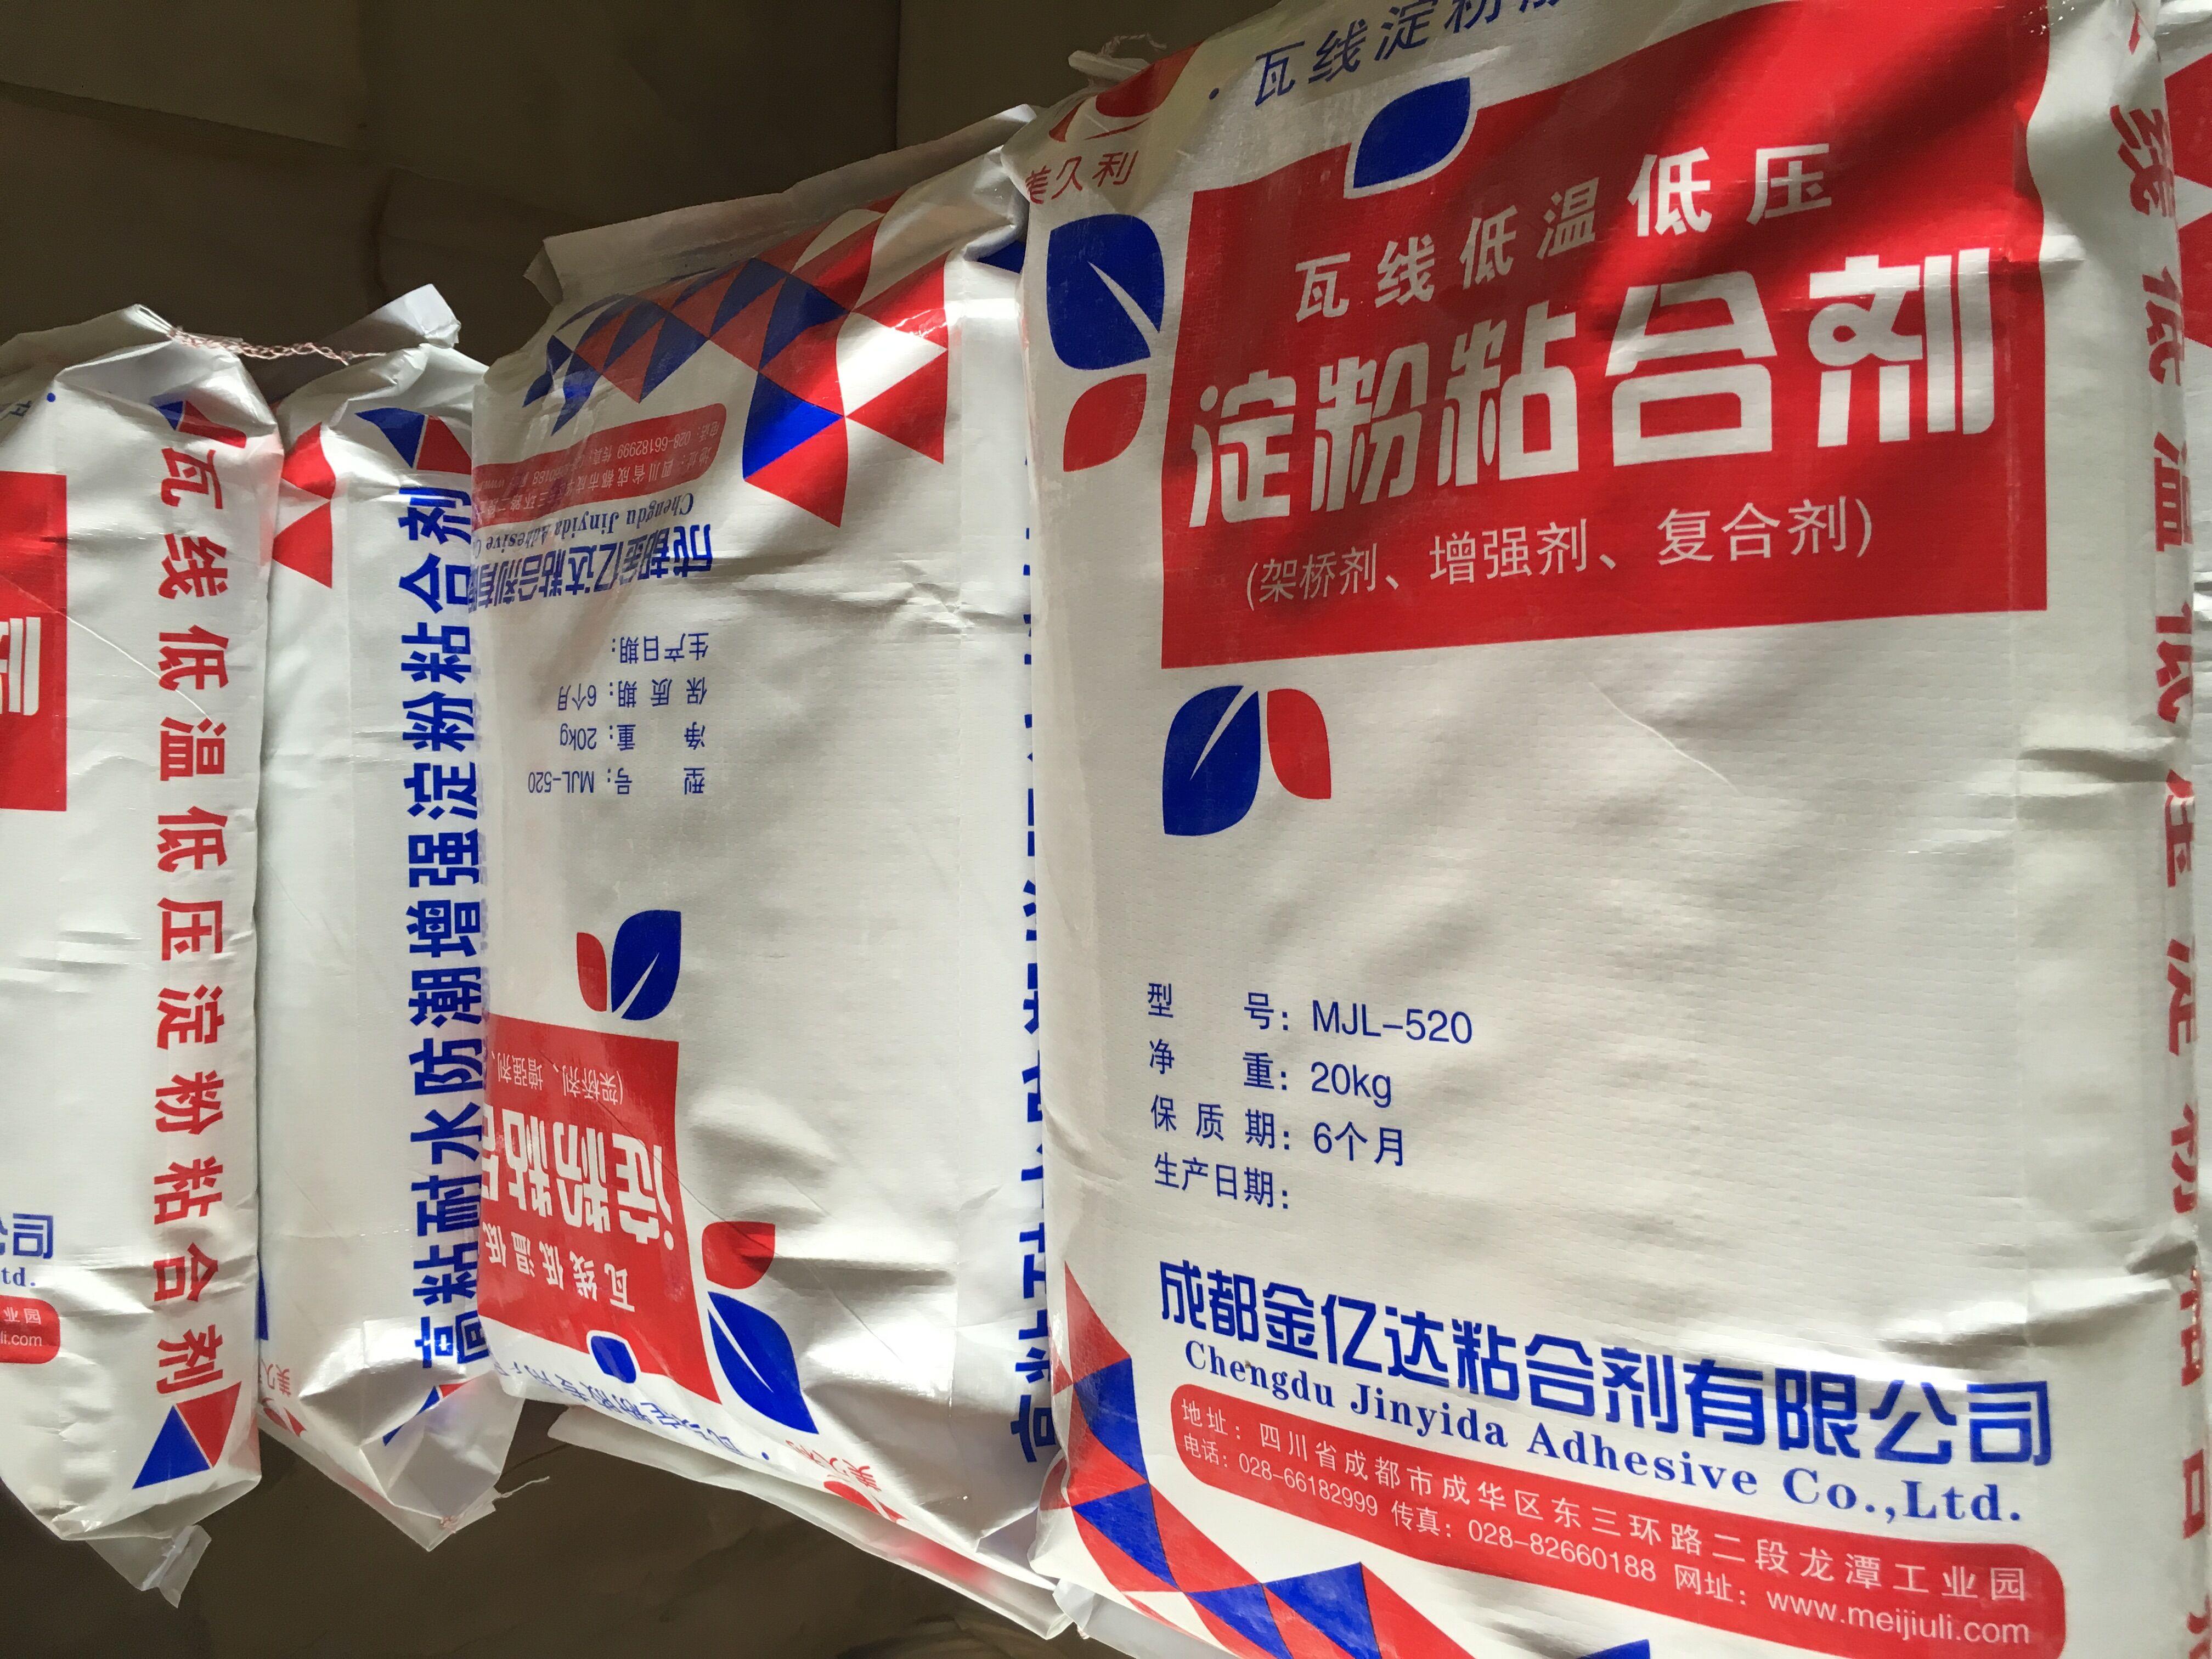 瓦楞纸板生产线低温架桥剂-- 成都金亿达粘合剂有限公司